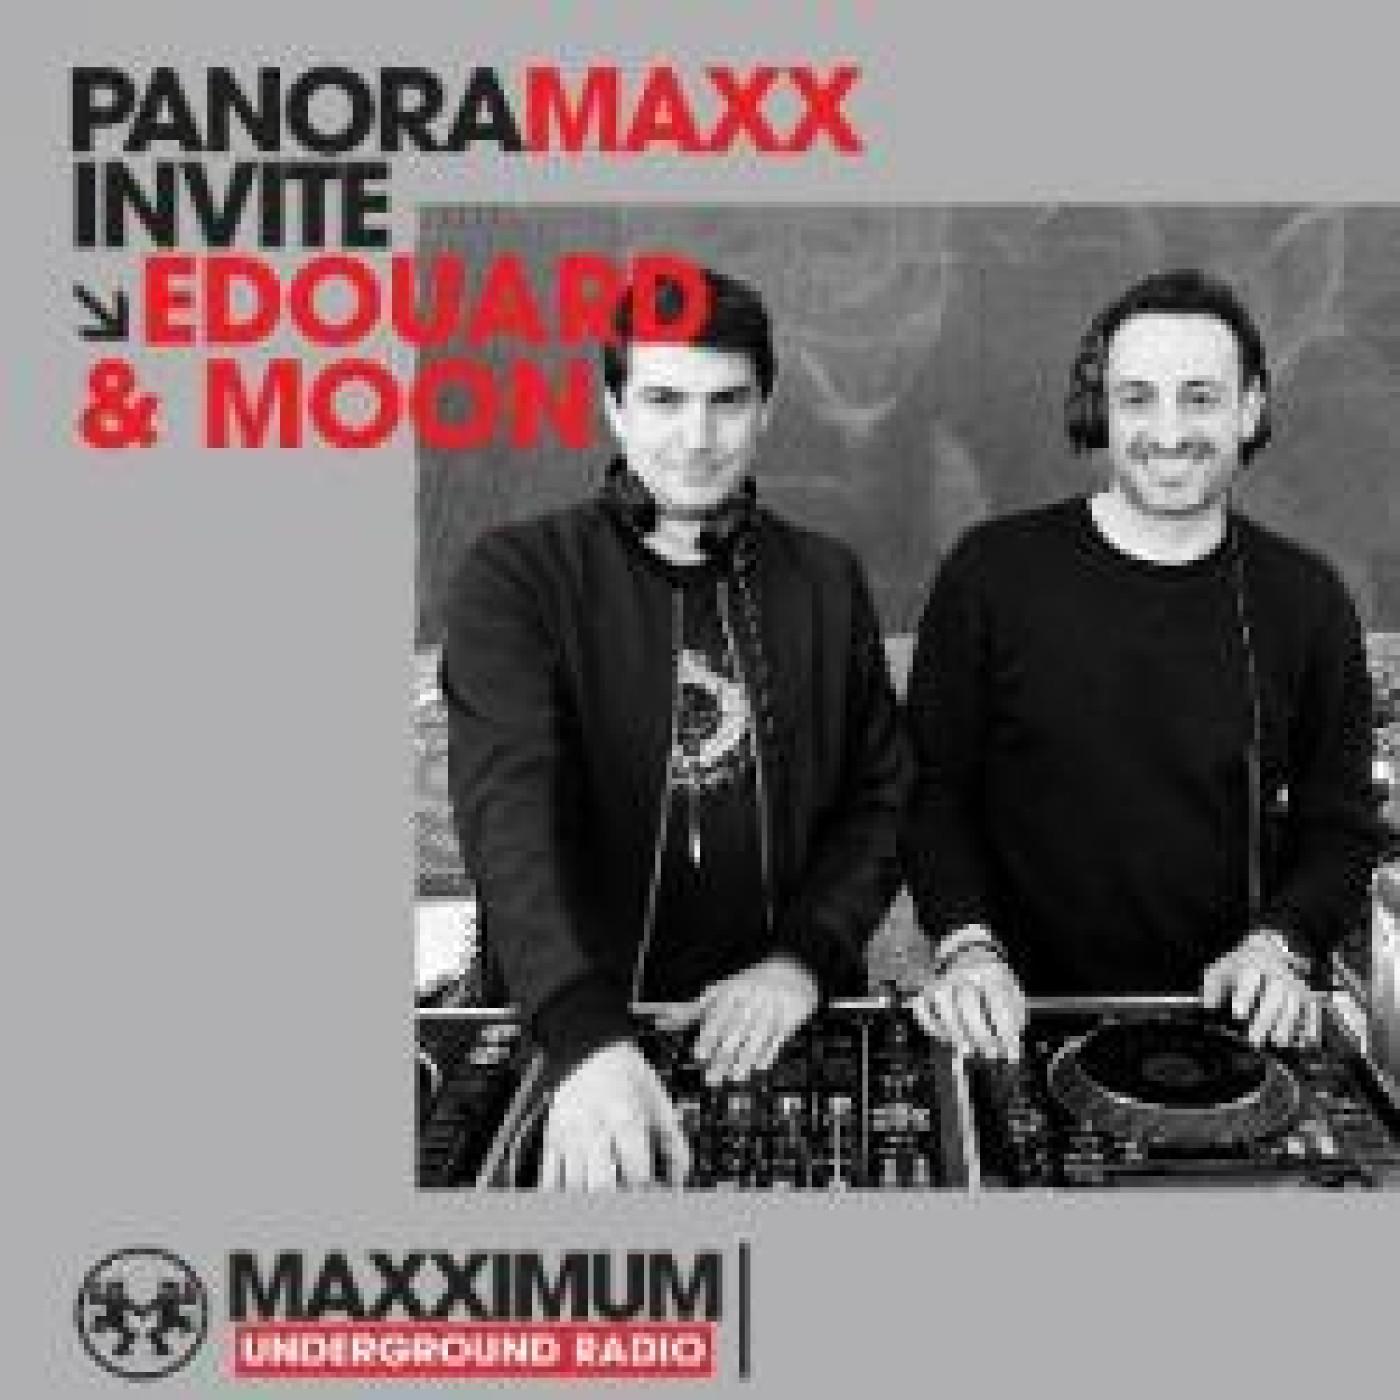 PANORAMAXX : EDOUARD & MOON